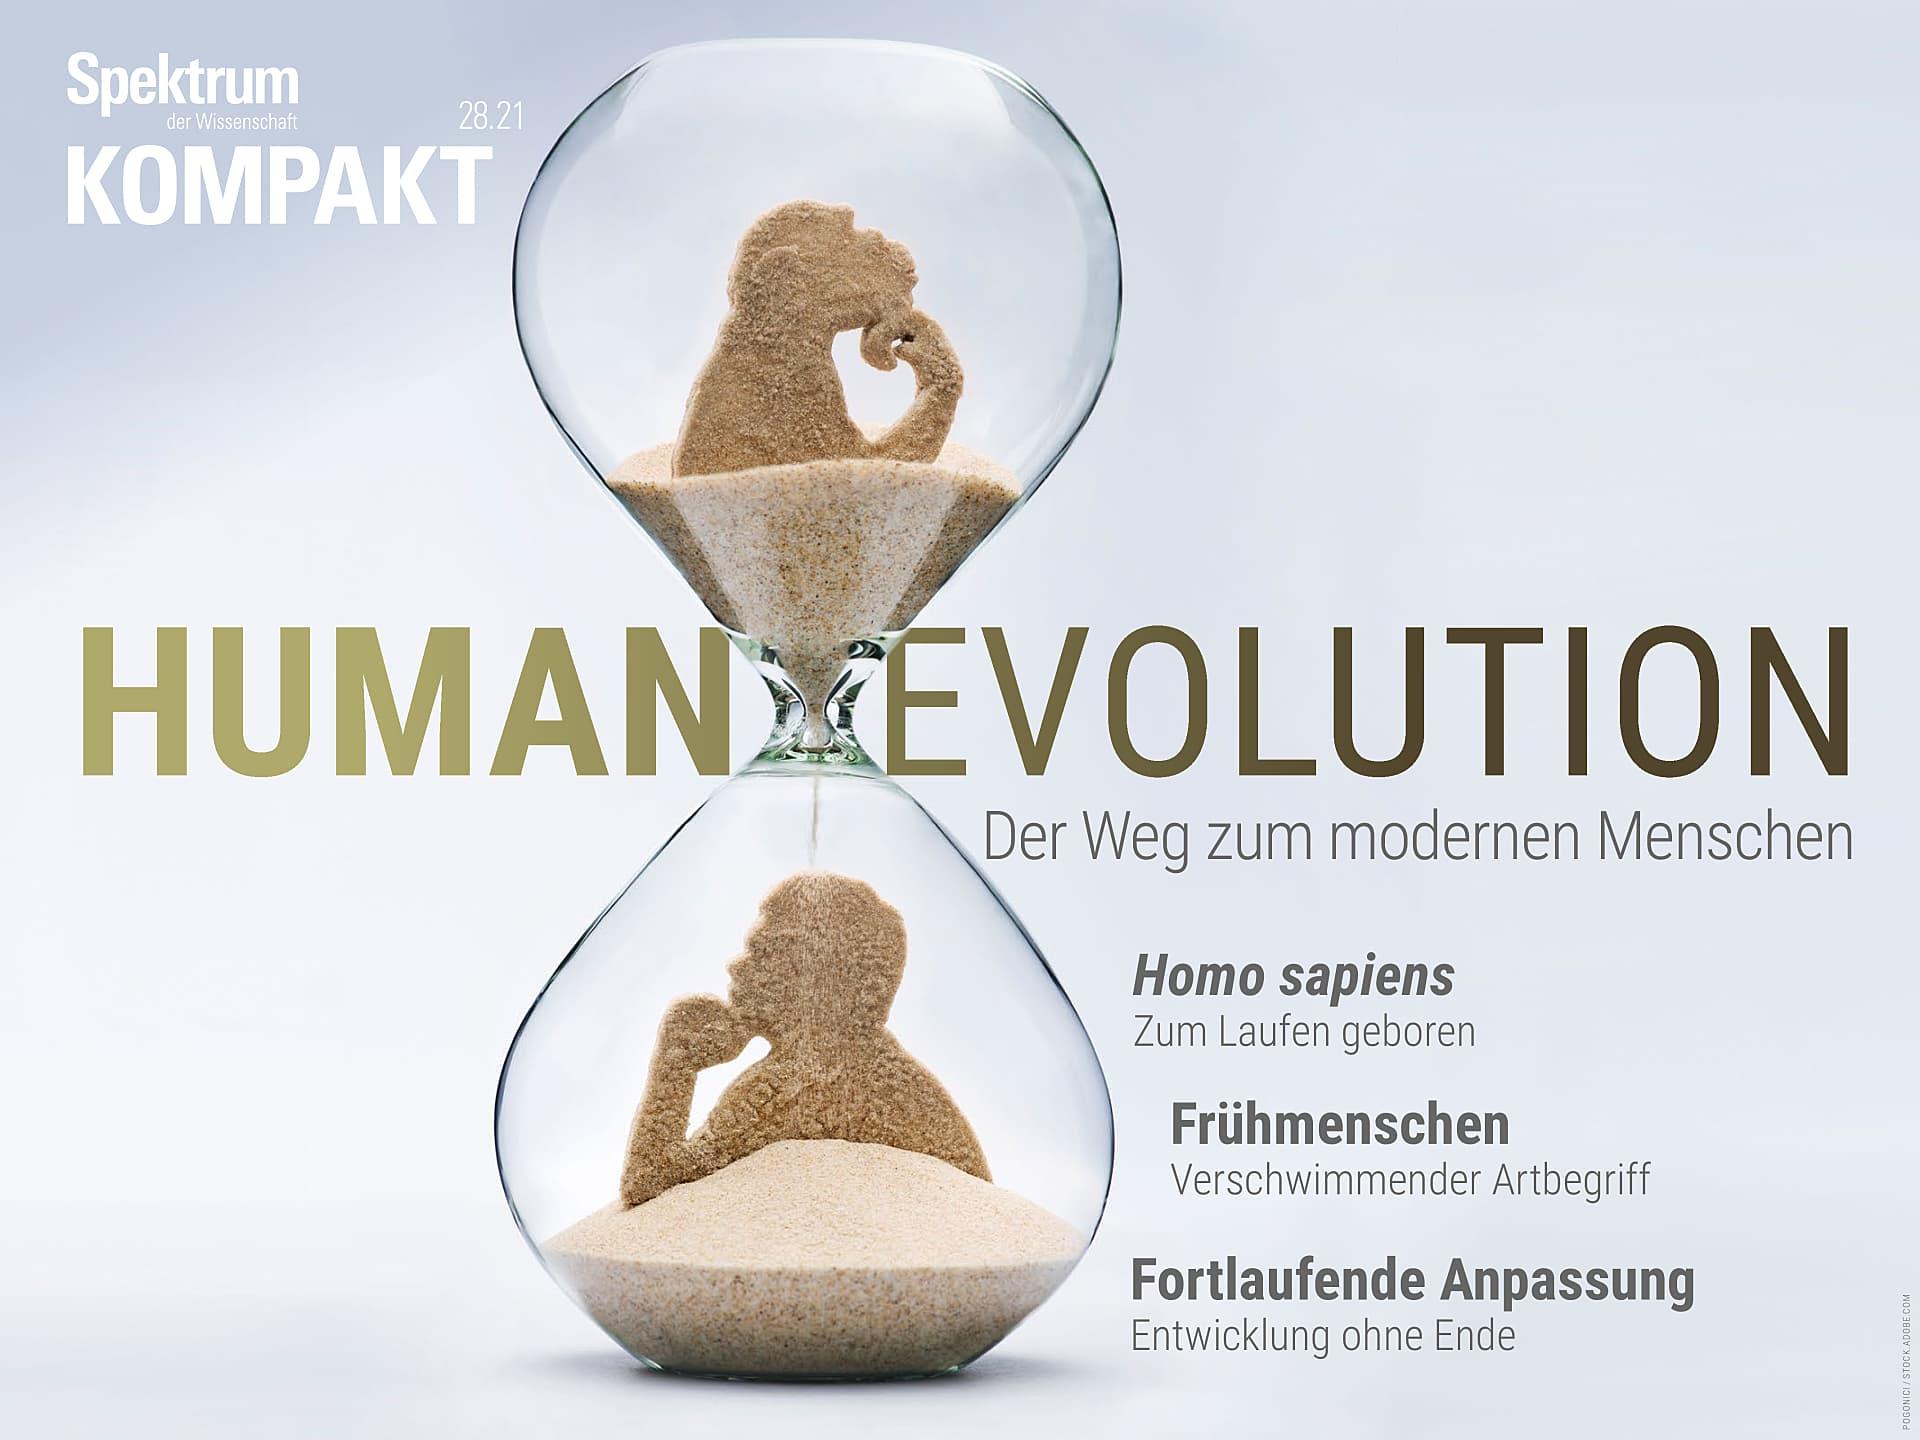 Humanevolution – Die Entstehung des modernen Menschen